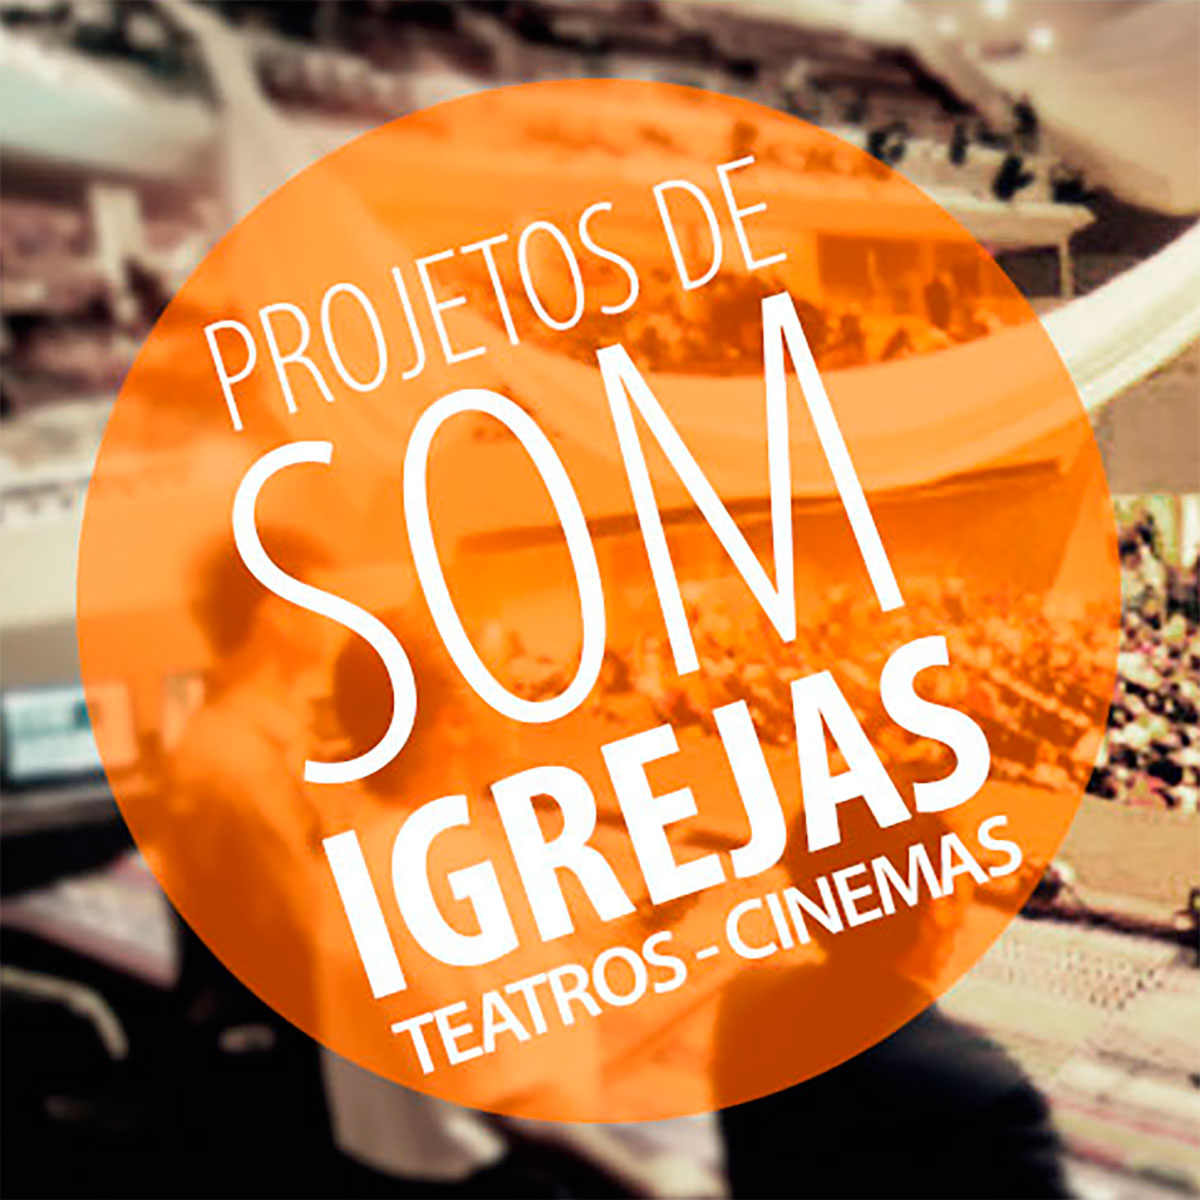 Projeto de Sonorização para Igrejas, Cinemas, Teatros e Outros